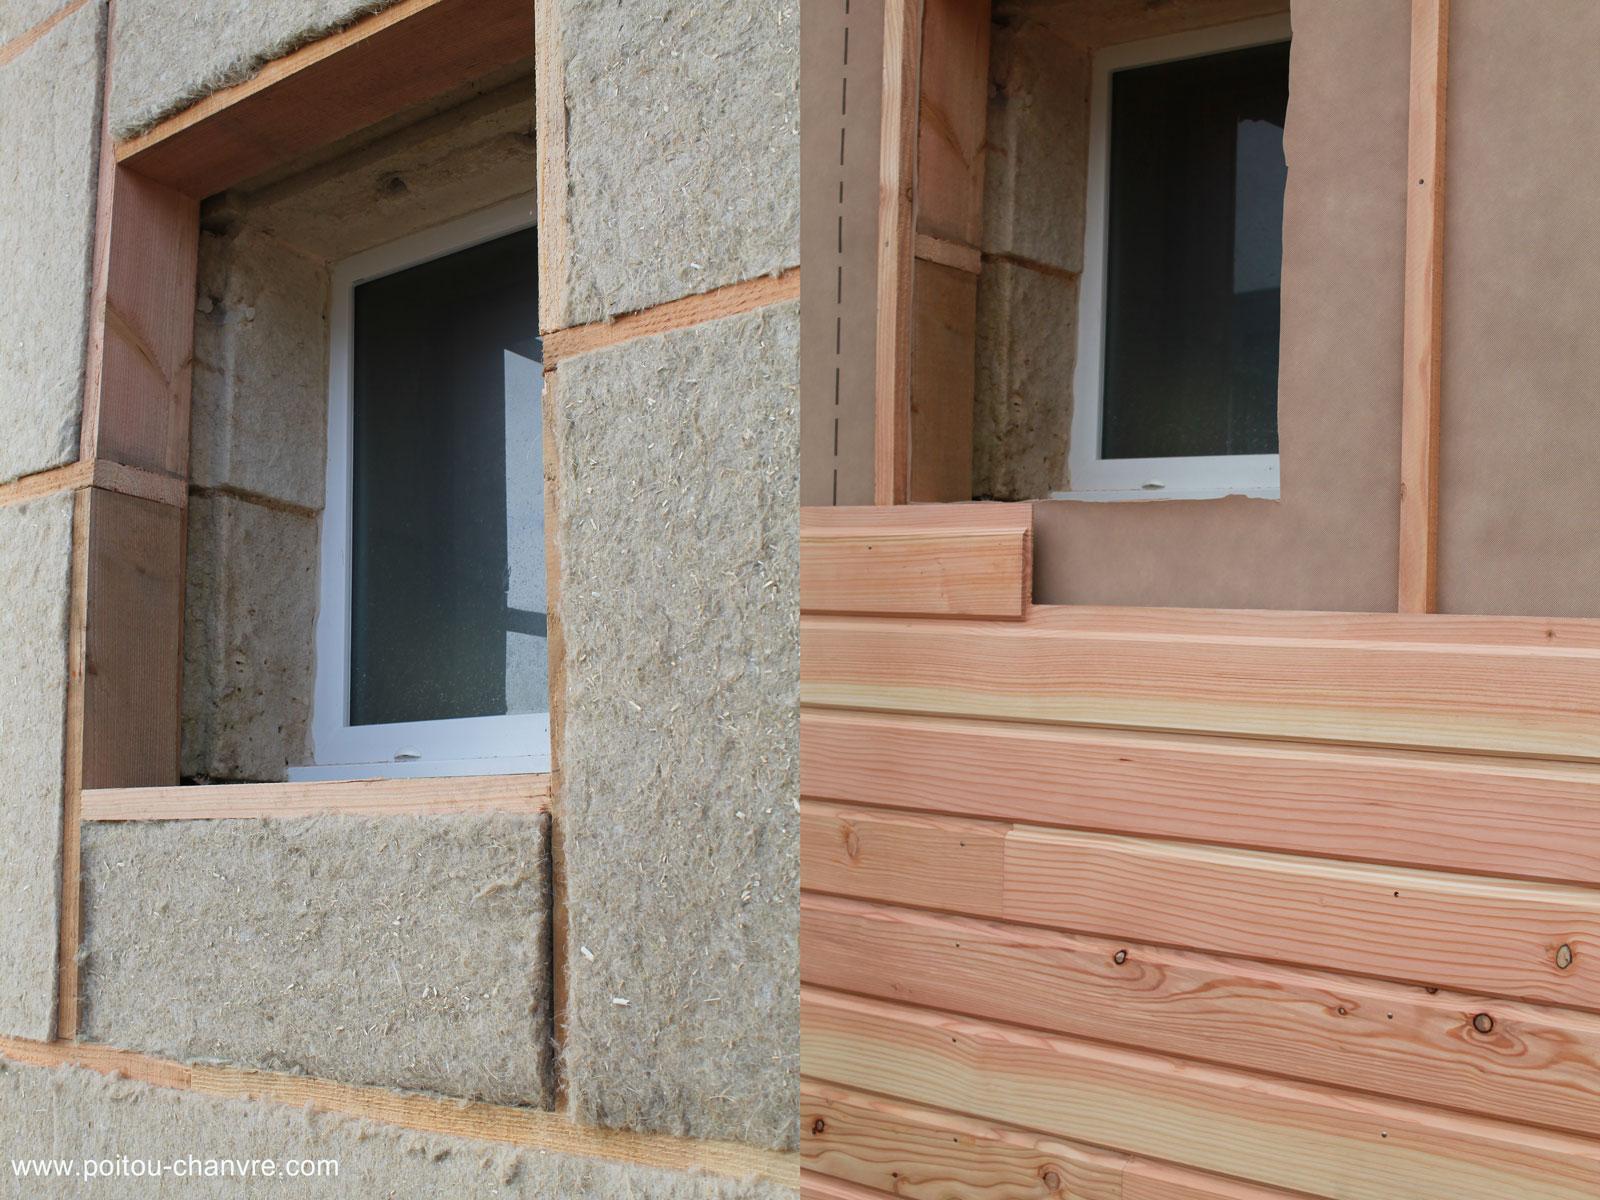 lame de bois finition pour isolation au chanvre. Black Bedroom Furniture Sets. Home Design Ideas